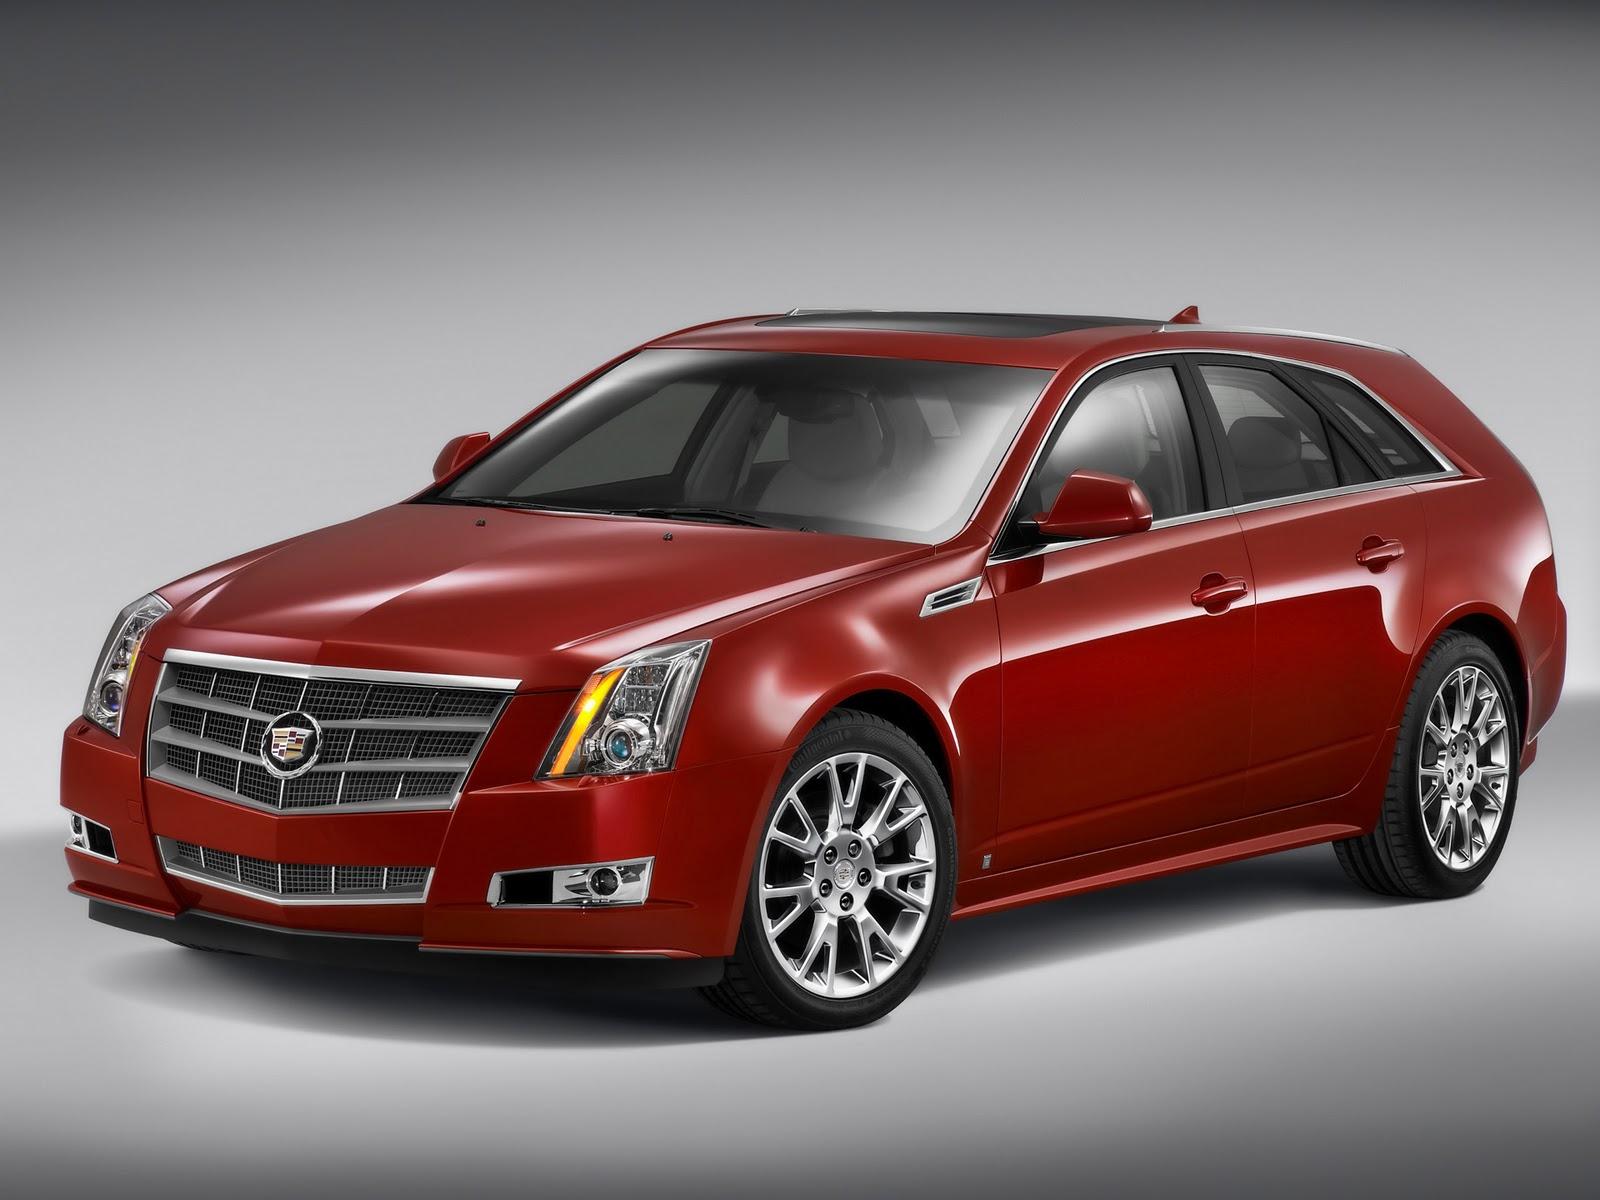 http://1.bp.blogspot.com/_viCh1SFyGrA/TORXV_MOOII/AAAAAAAAAEw/Axwrh4ICJsc/s1600/2010-Cadillac-CTS-Sport-Wagon-Front-And-Side-1920x1440.jpg